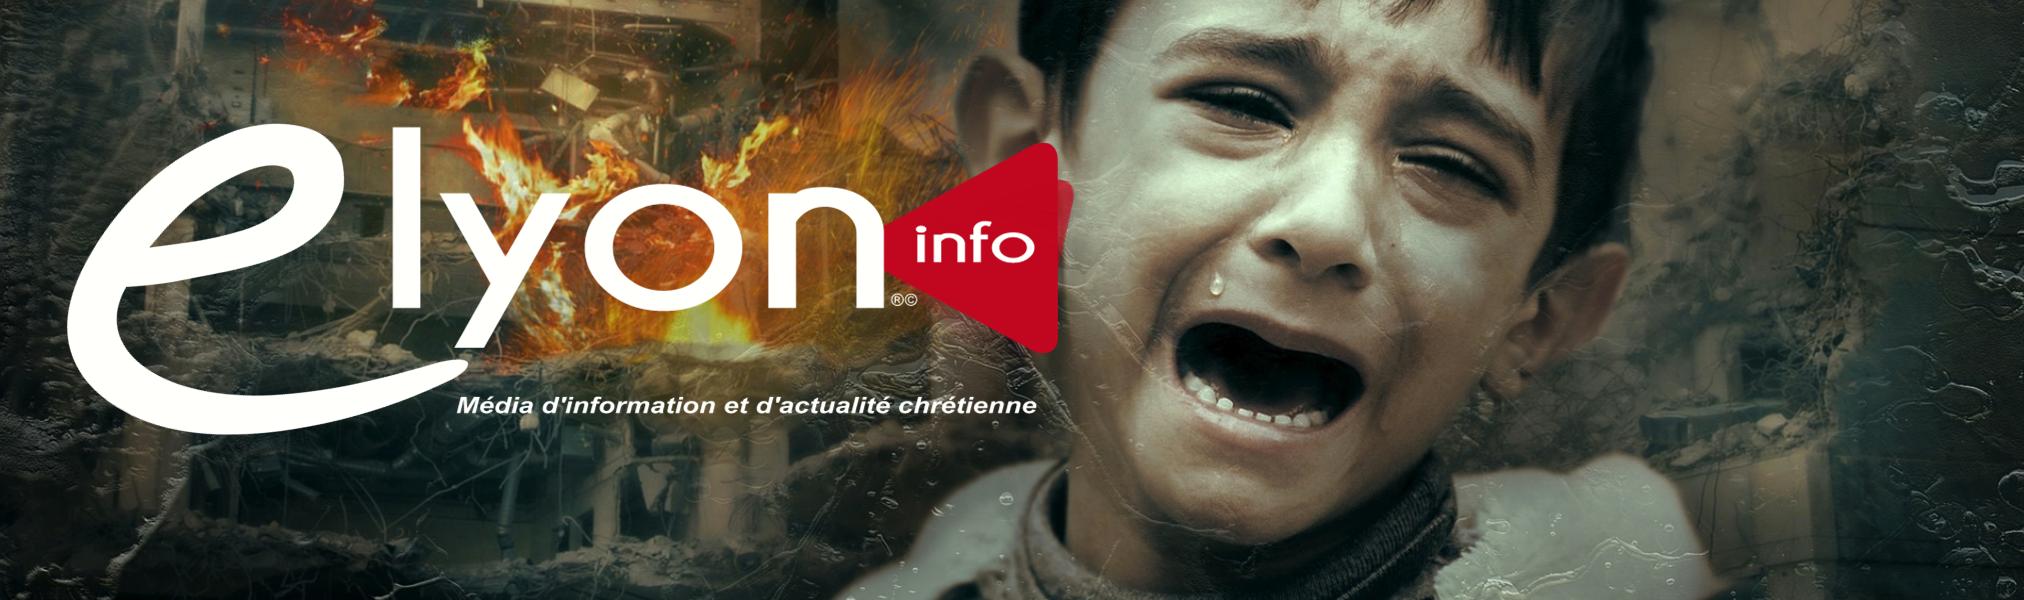 info.elyon.fr